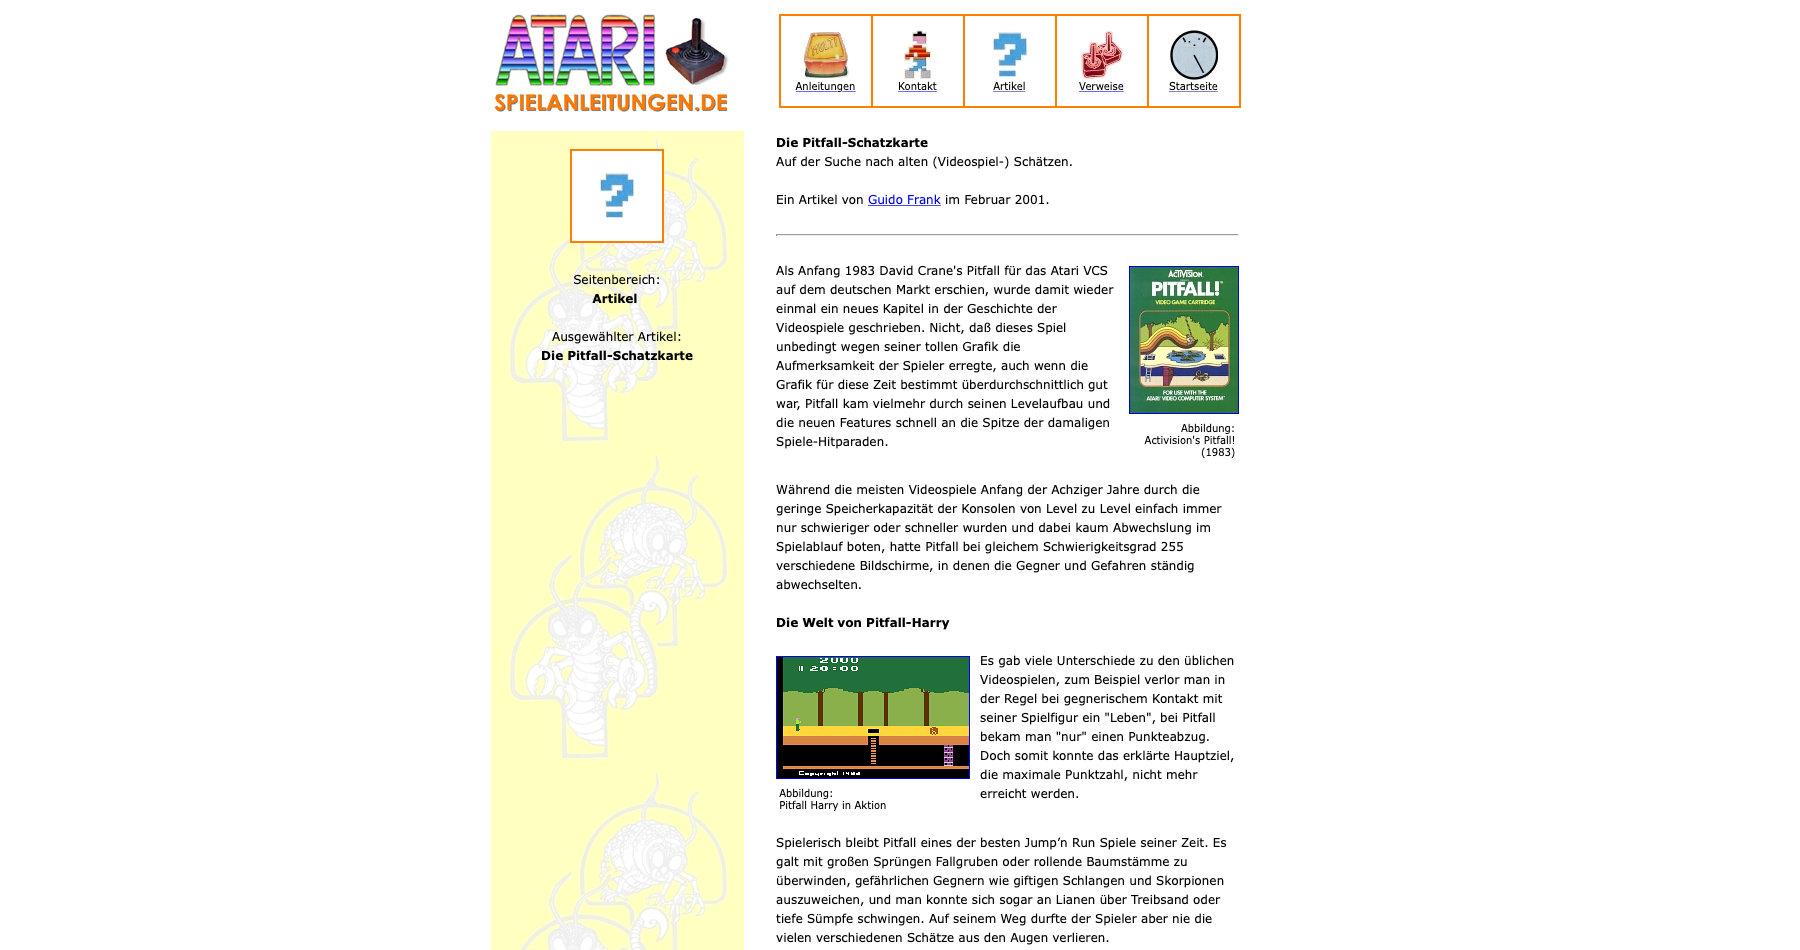 """Die erste Webseite. Hier wurden die Texte noch als inhaltliche Erweiterung der Seite """"Atari-Spielanleitungen.de"""" gehostet. Zeitraum: 1999-2009. (Bild: André Eymann)"""